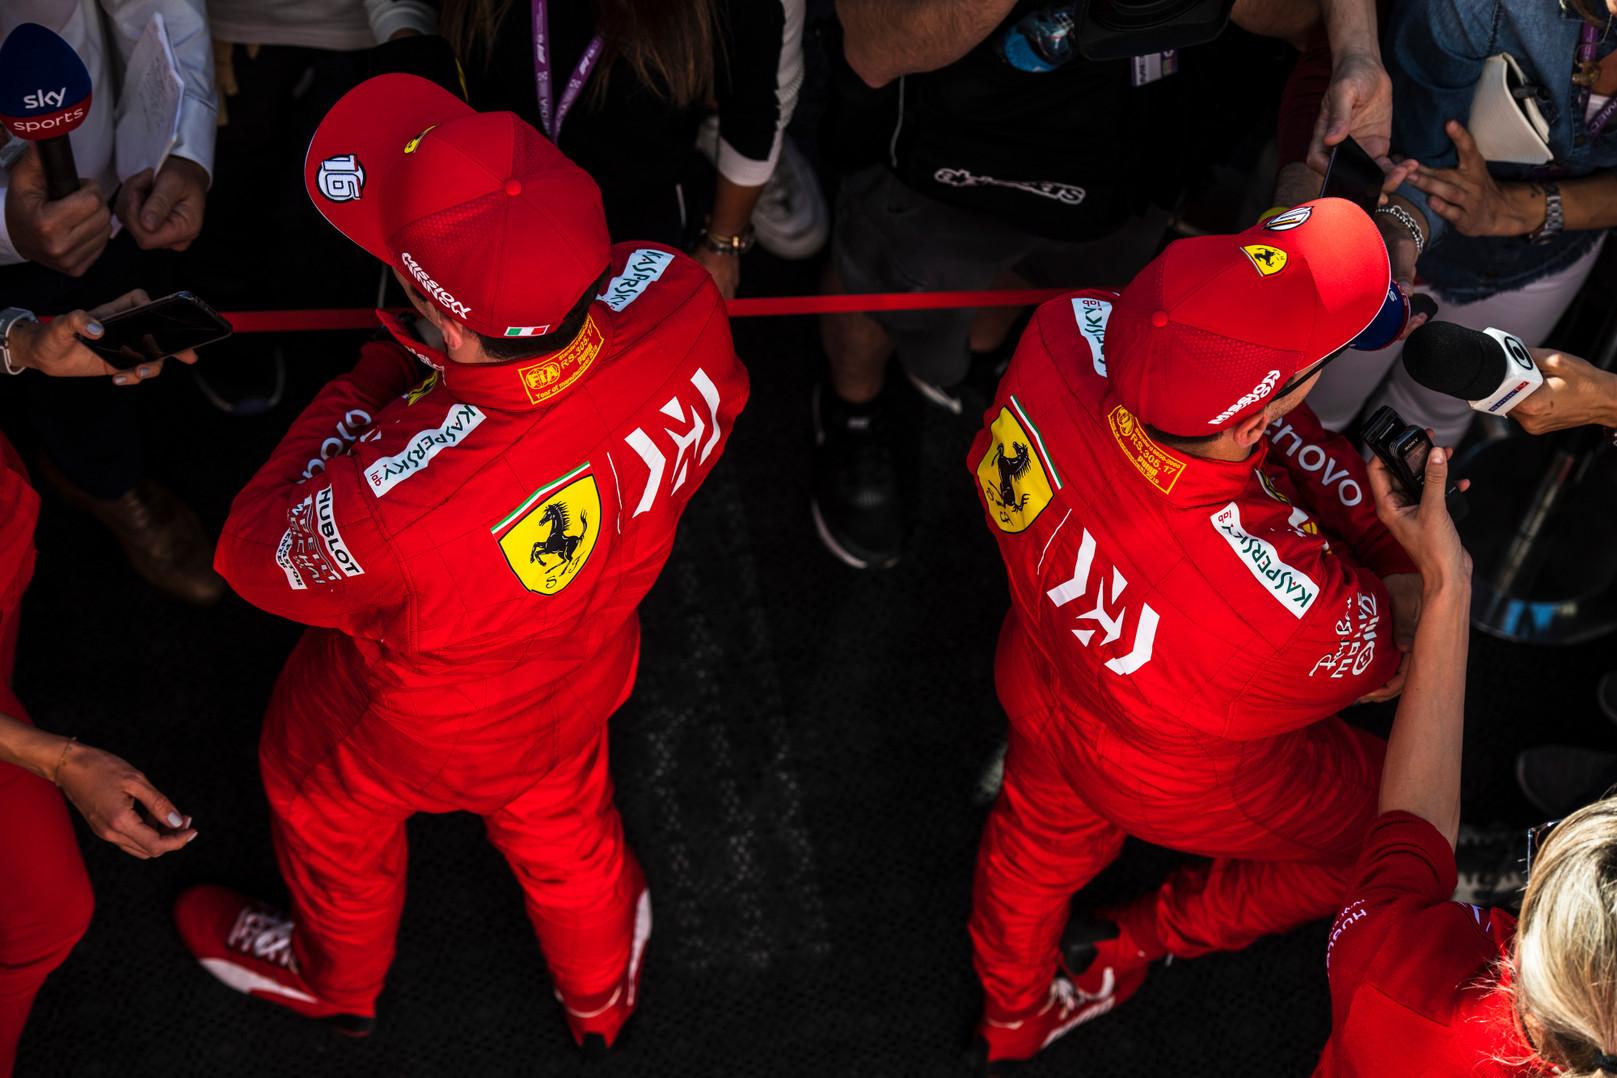 S. Vettelis: visos tos kalbos apie komandinę taktiką tikrai nepadeda